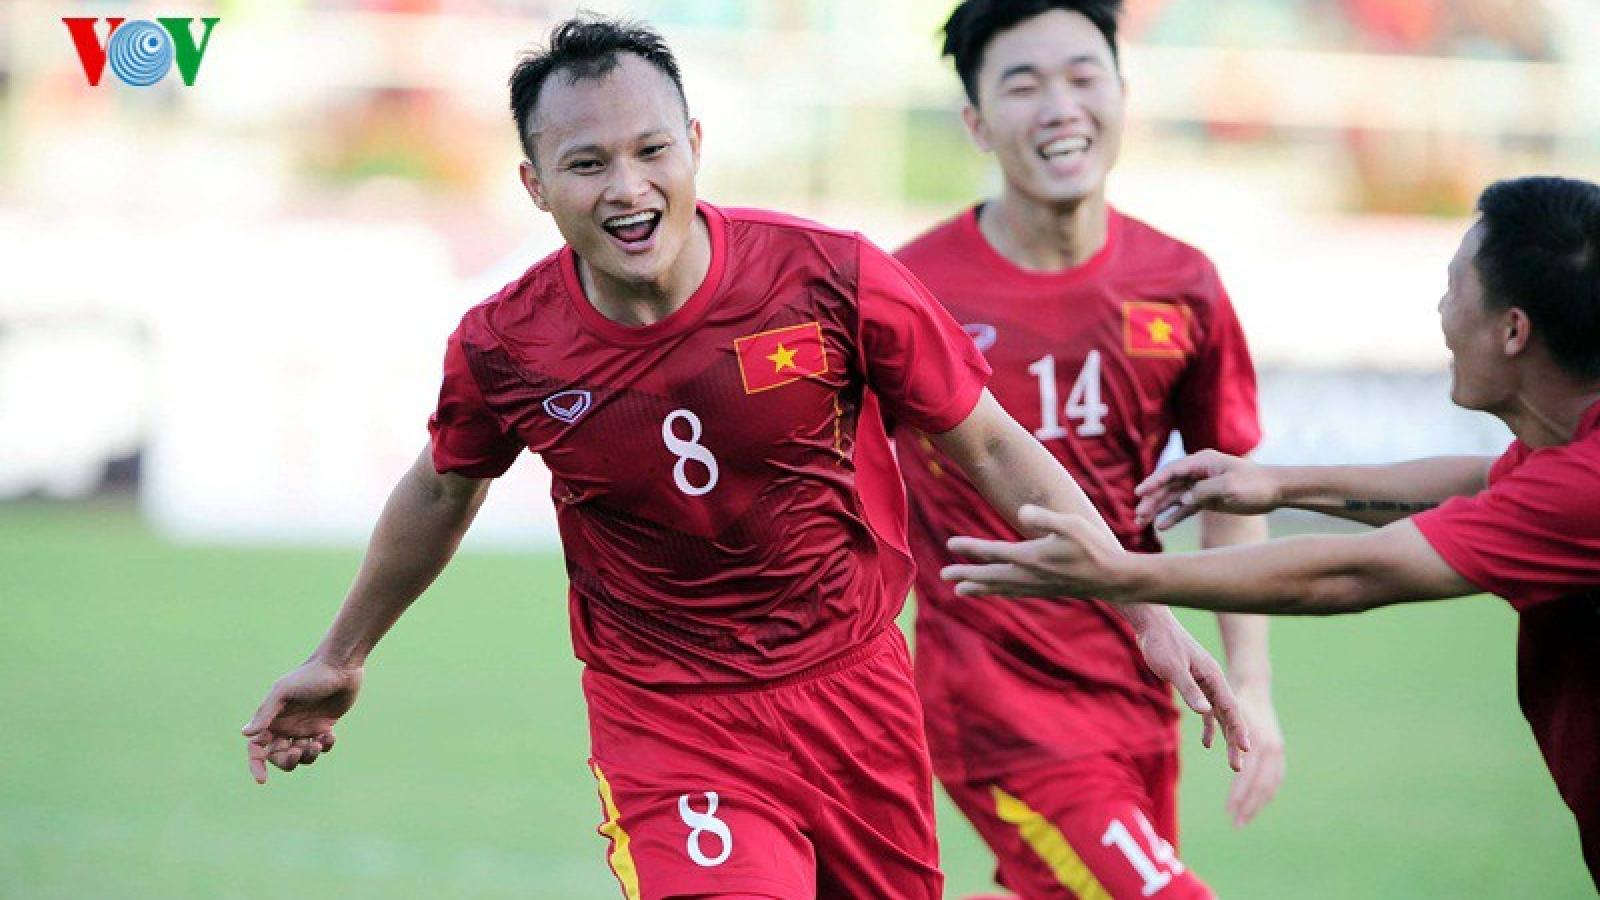 VIDEO: Trọng Hoàng ghi bàn thắng để đời trong màu áo ĐT Việt Nam